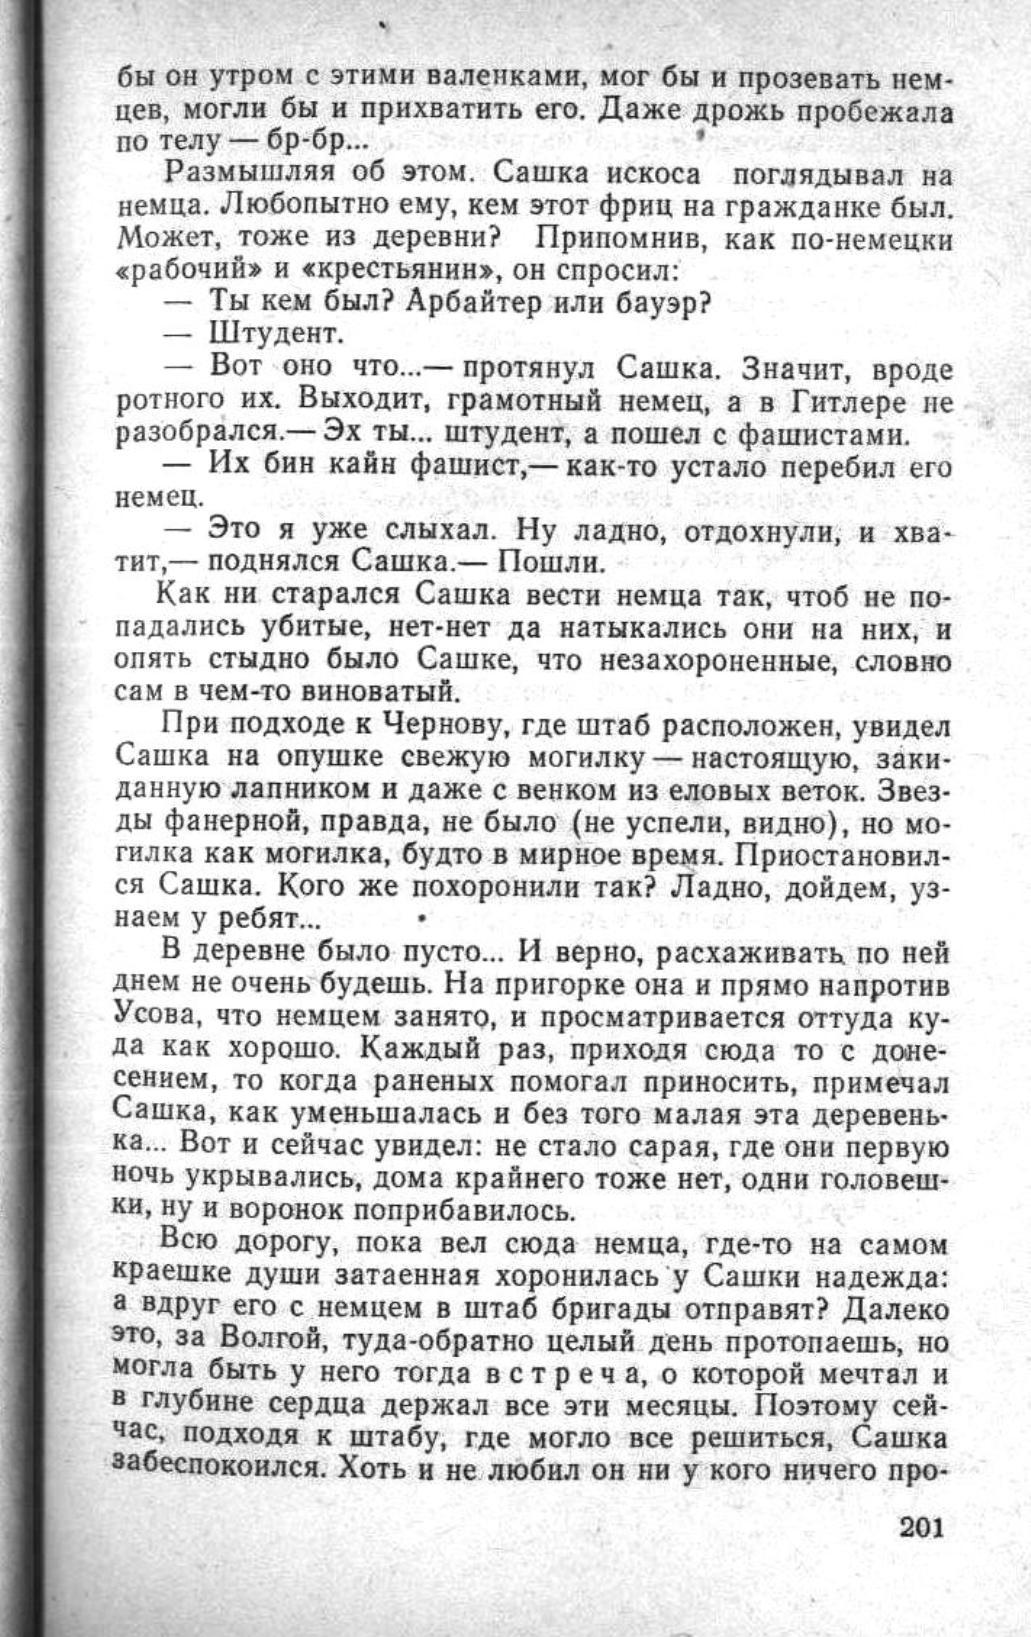 Сашка. Повесть. Вячеслав Кондратьев .002. 020